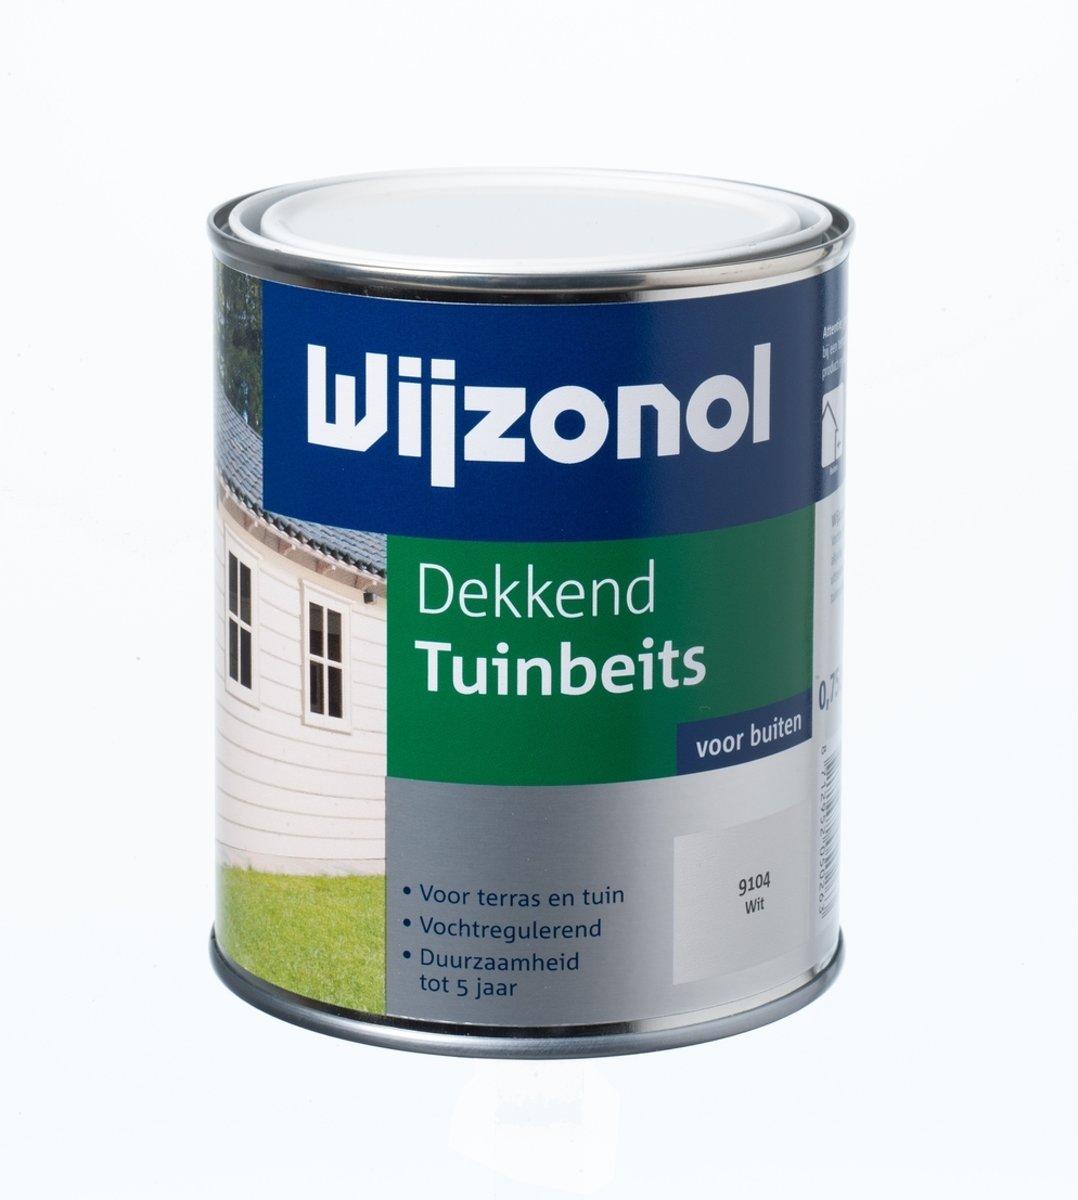 Wijzonol Dekkend Tuinbeits - 0,75 liter - Roomwit